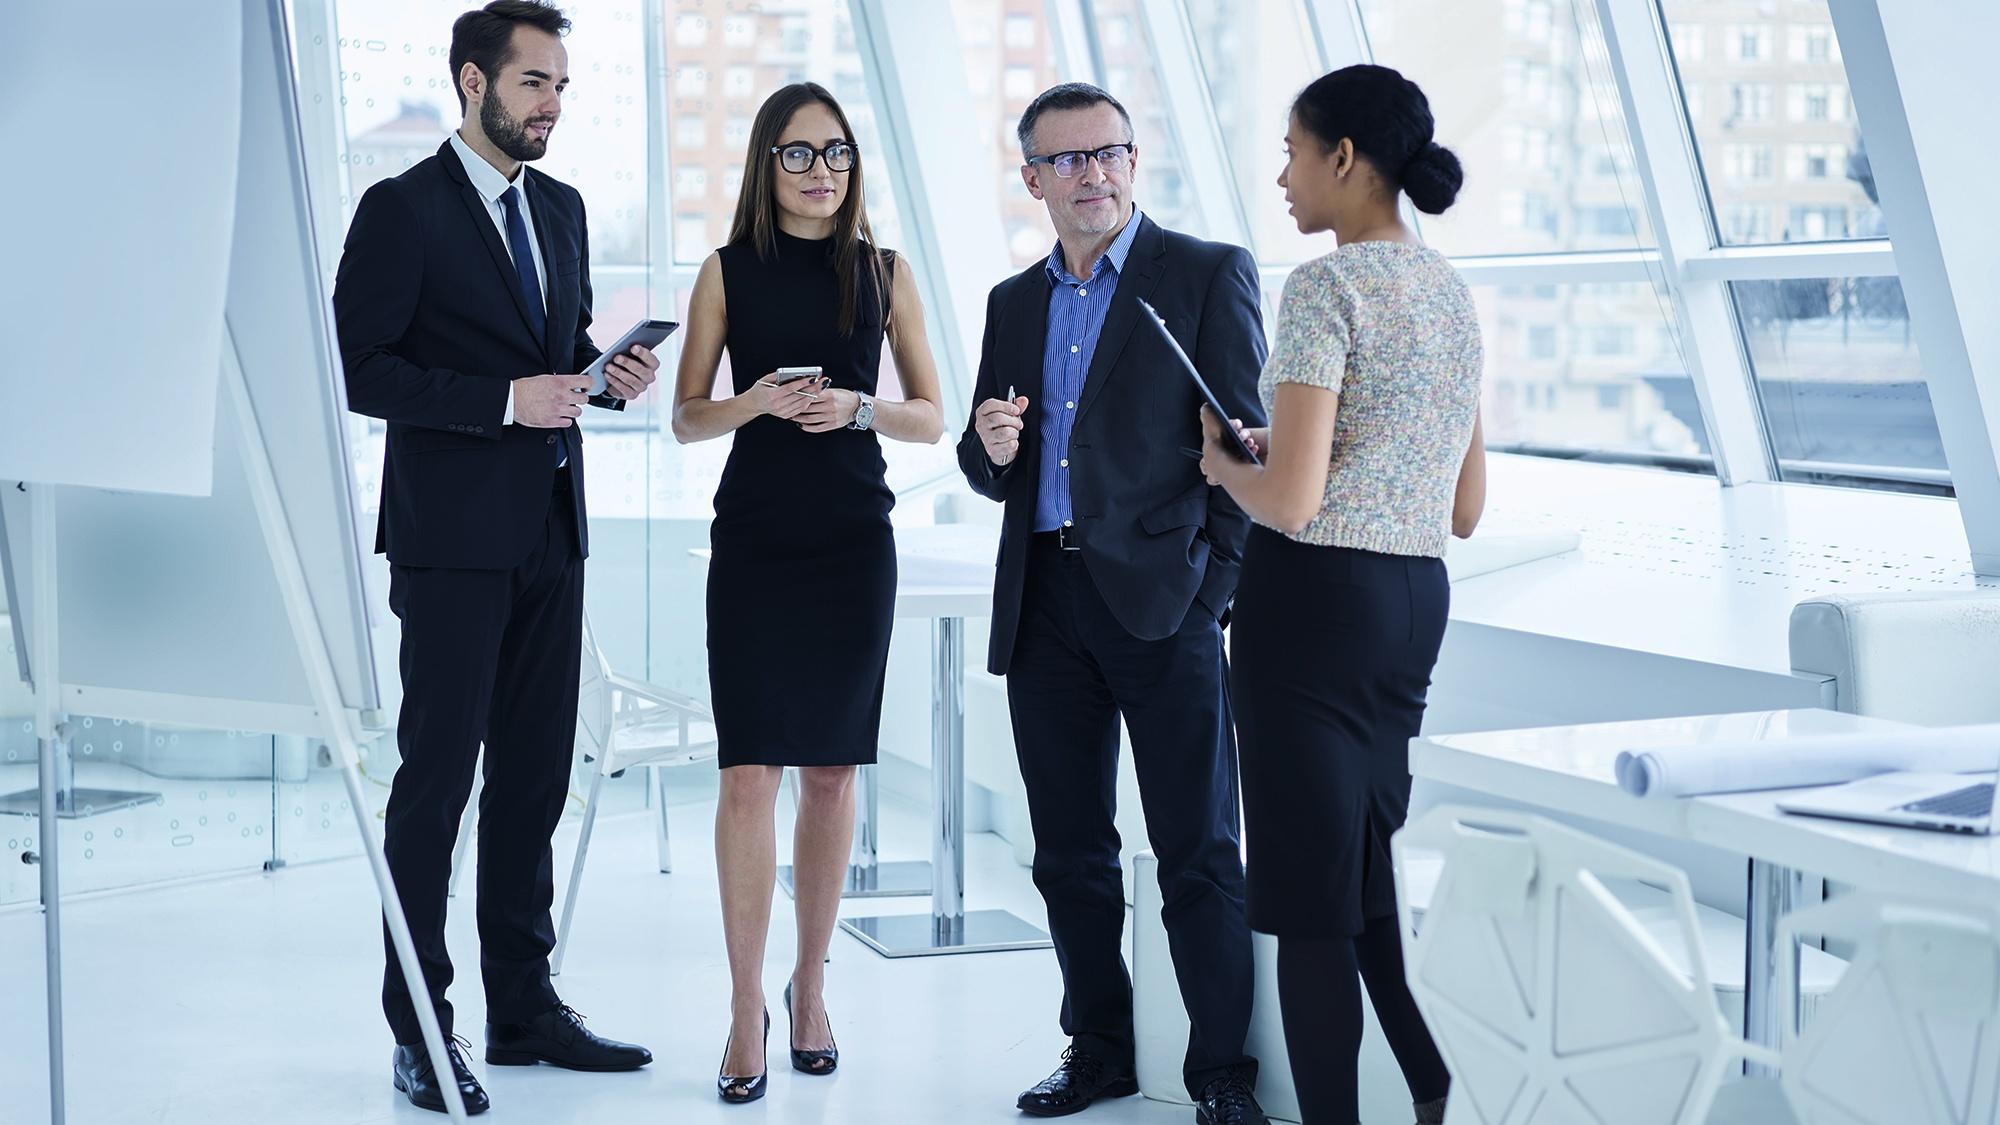 Neue Arbeitszeitmodelle für Dienstleister: Smarter statt länger arbeiten